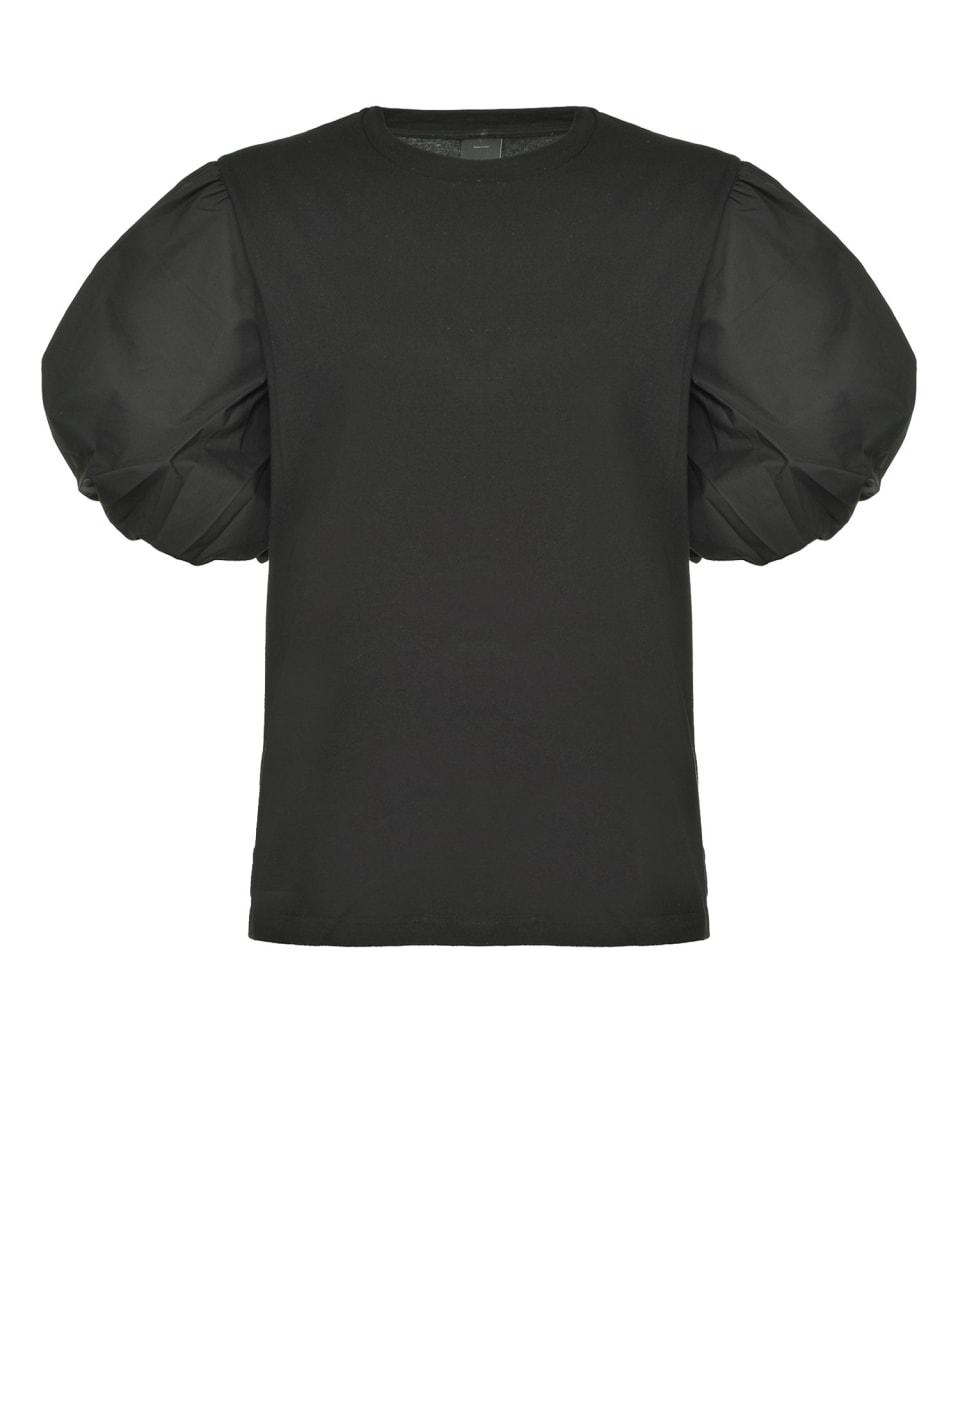 Camiseta con mangas abullonadas